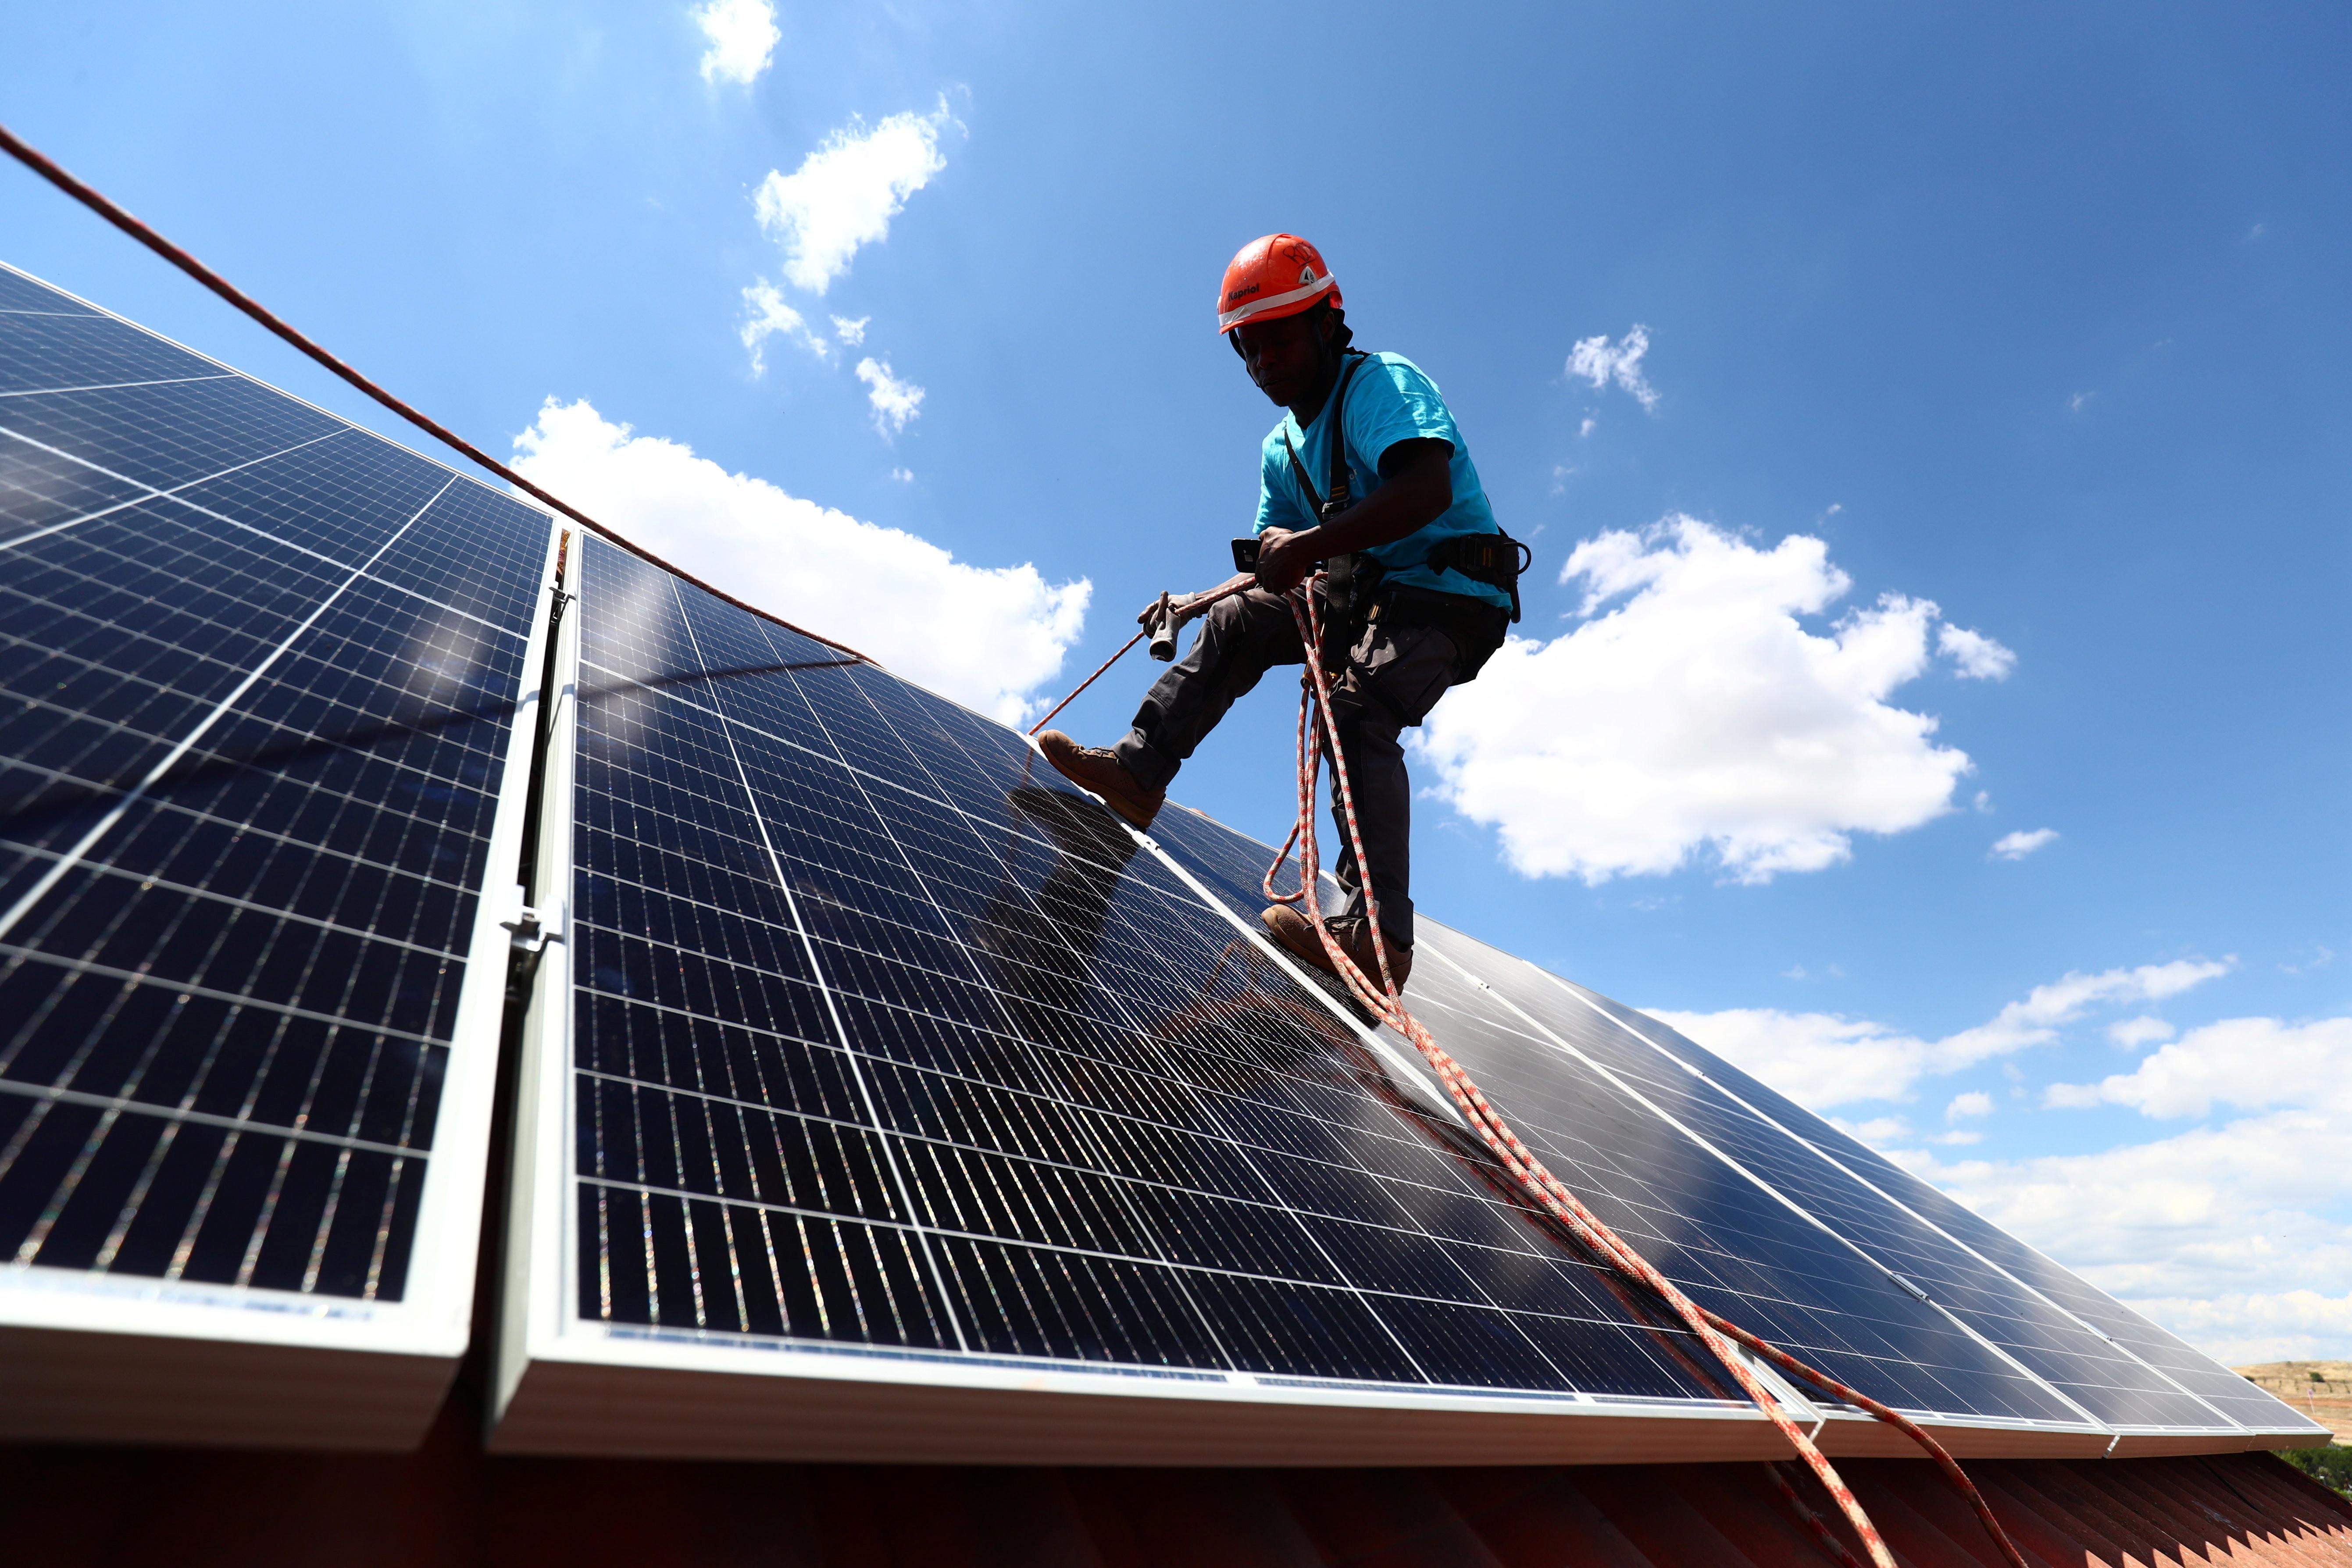 La energía eólica y solar ha generado el 42% de la electricidad de Alemania en lo que va de año.